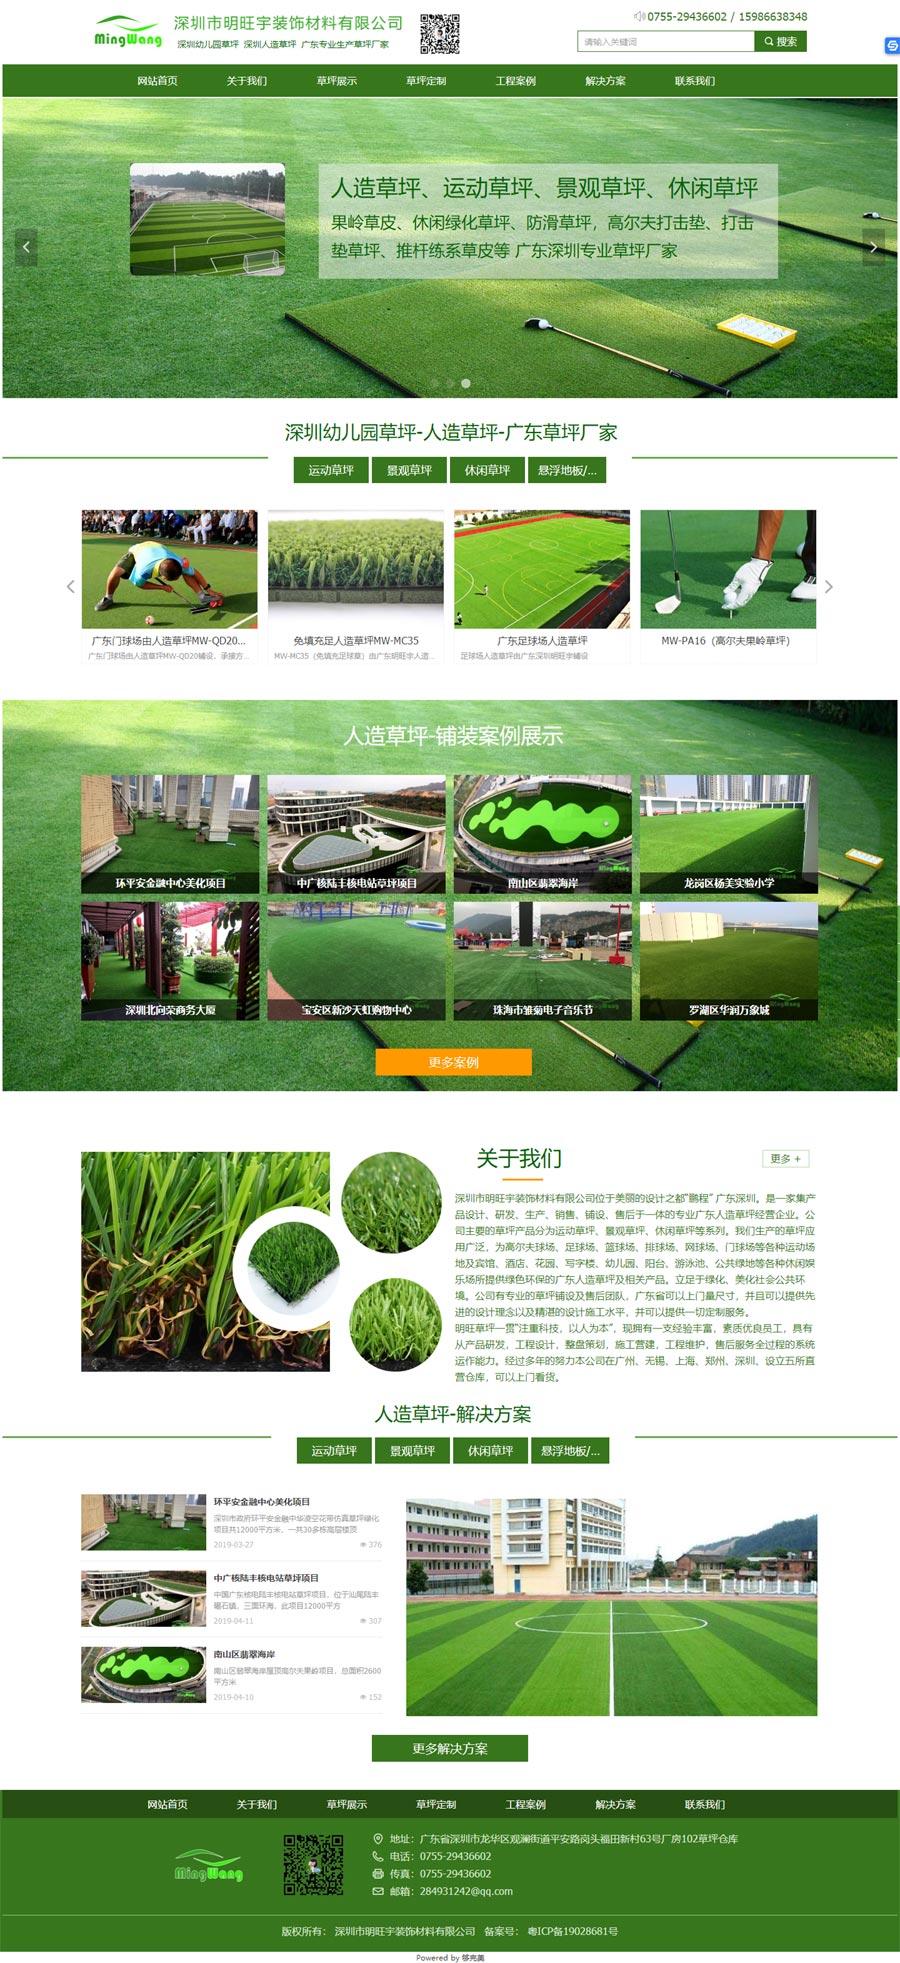 明旺宇装饰材料人造草坪网站设计制作-网站建设+营销成功案例